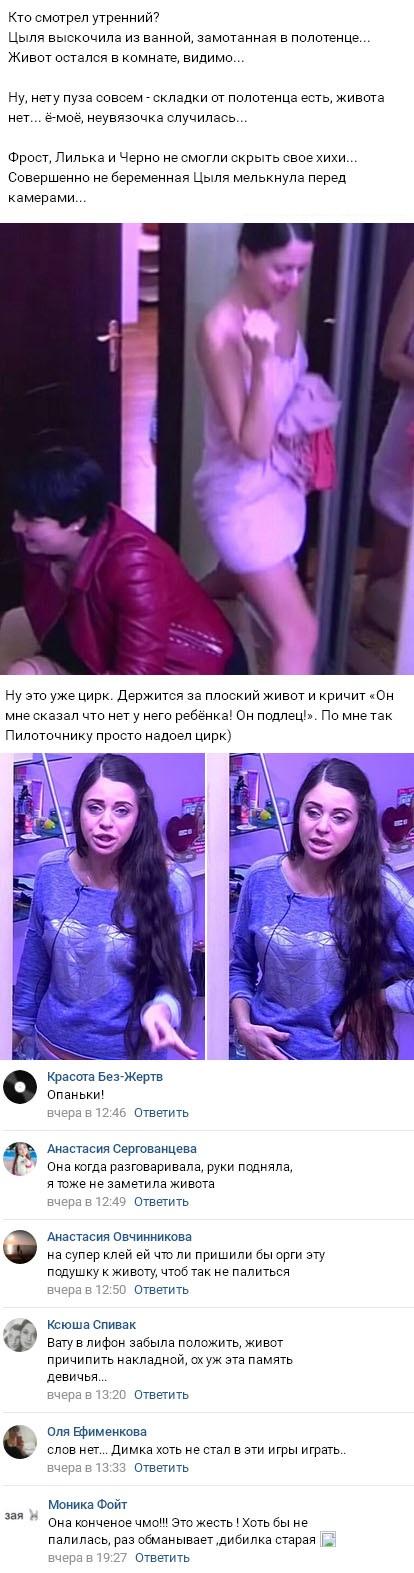 Ольга Рапунцель снова спалилась без живота